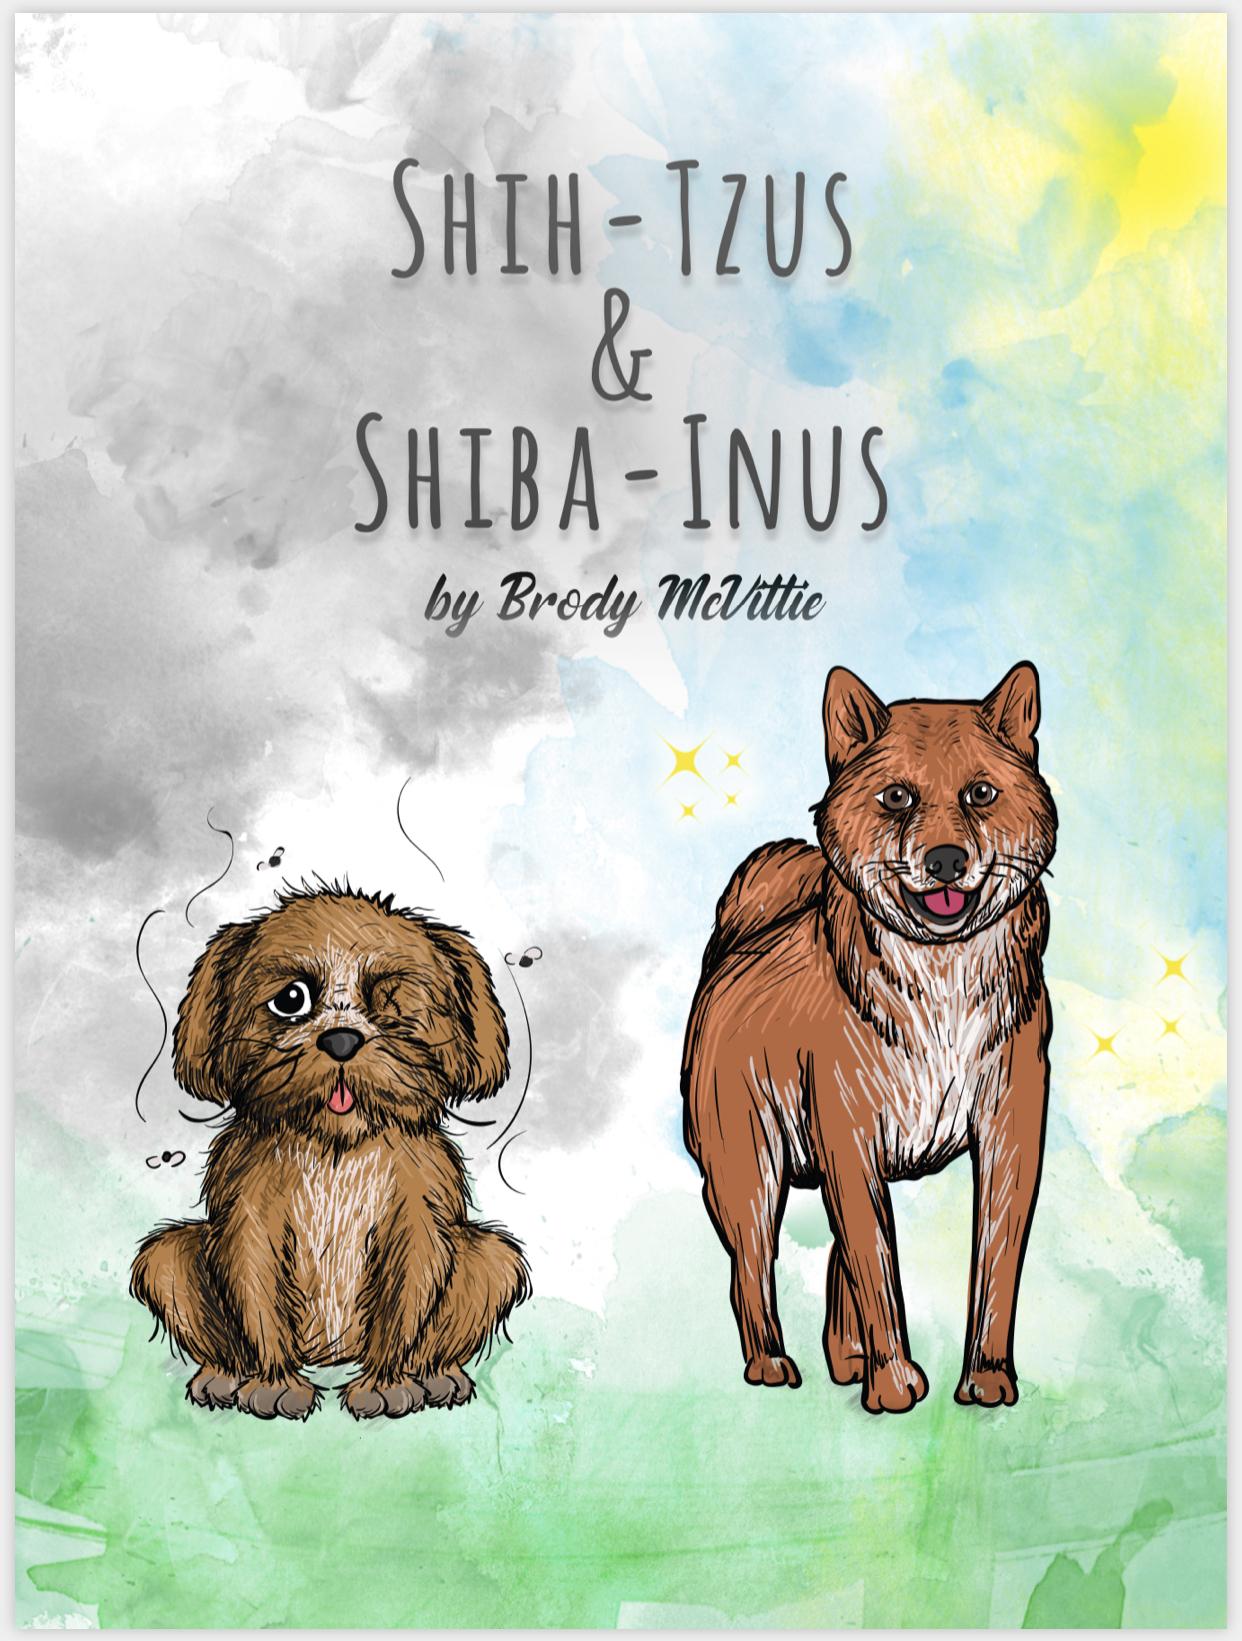 Shih-Tzus & Shiba-Inus